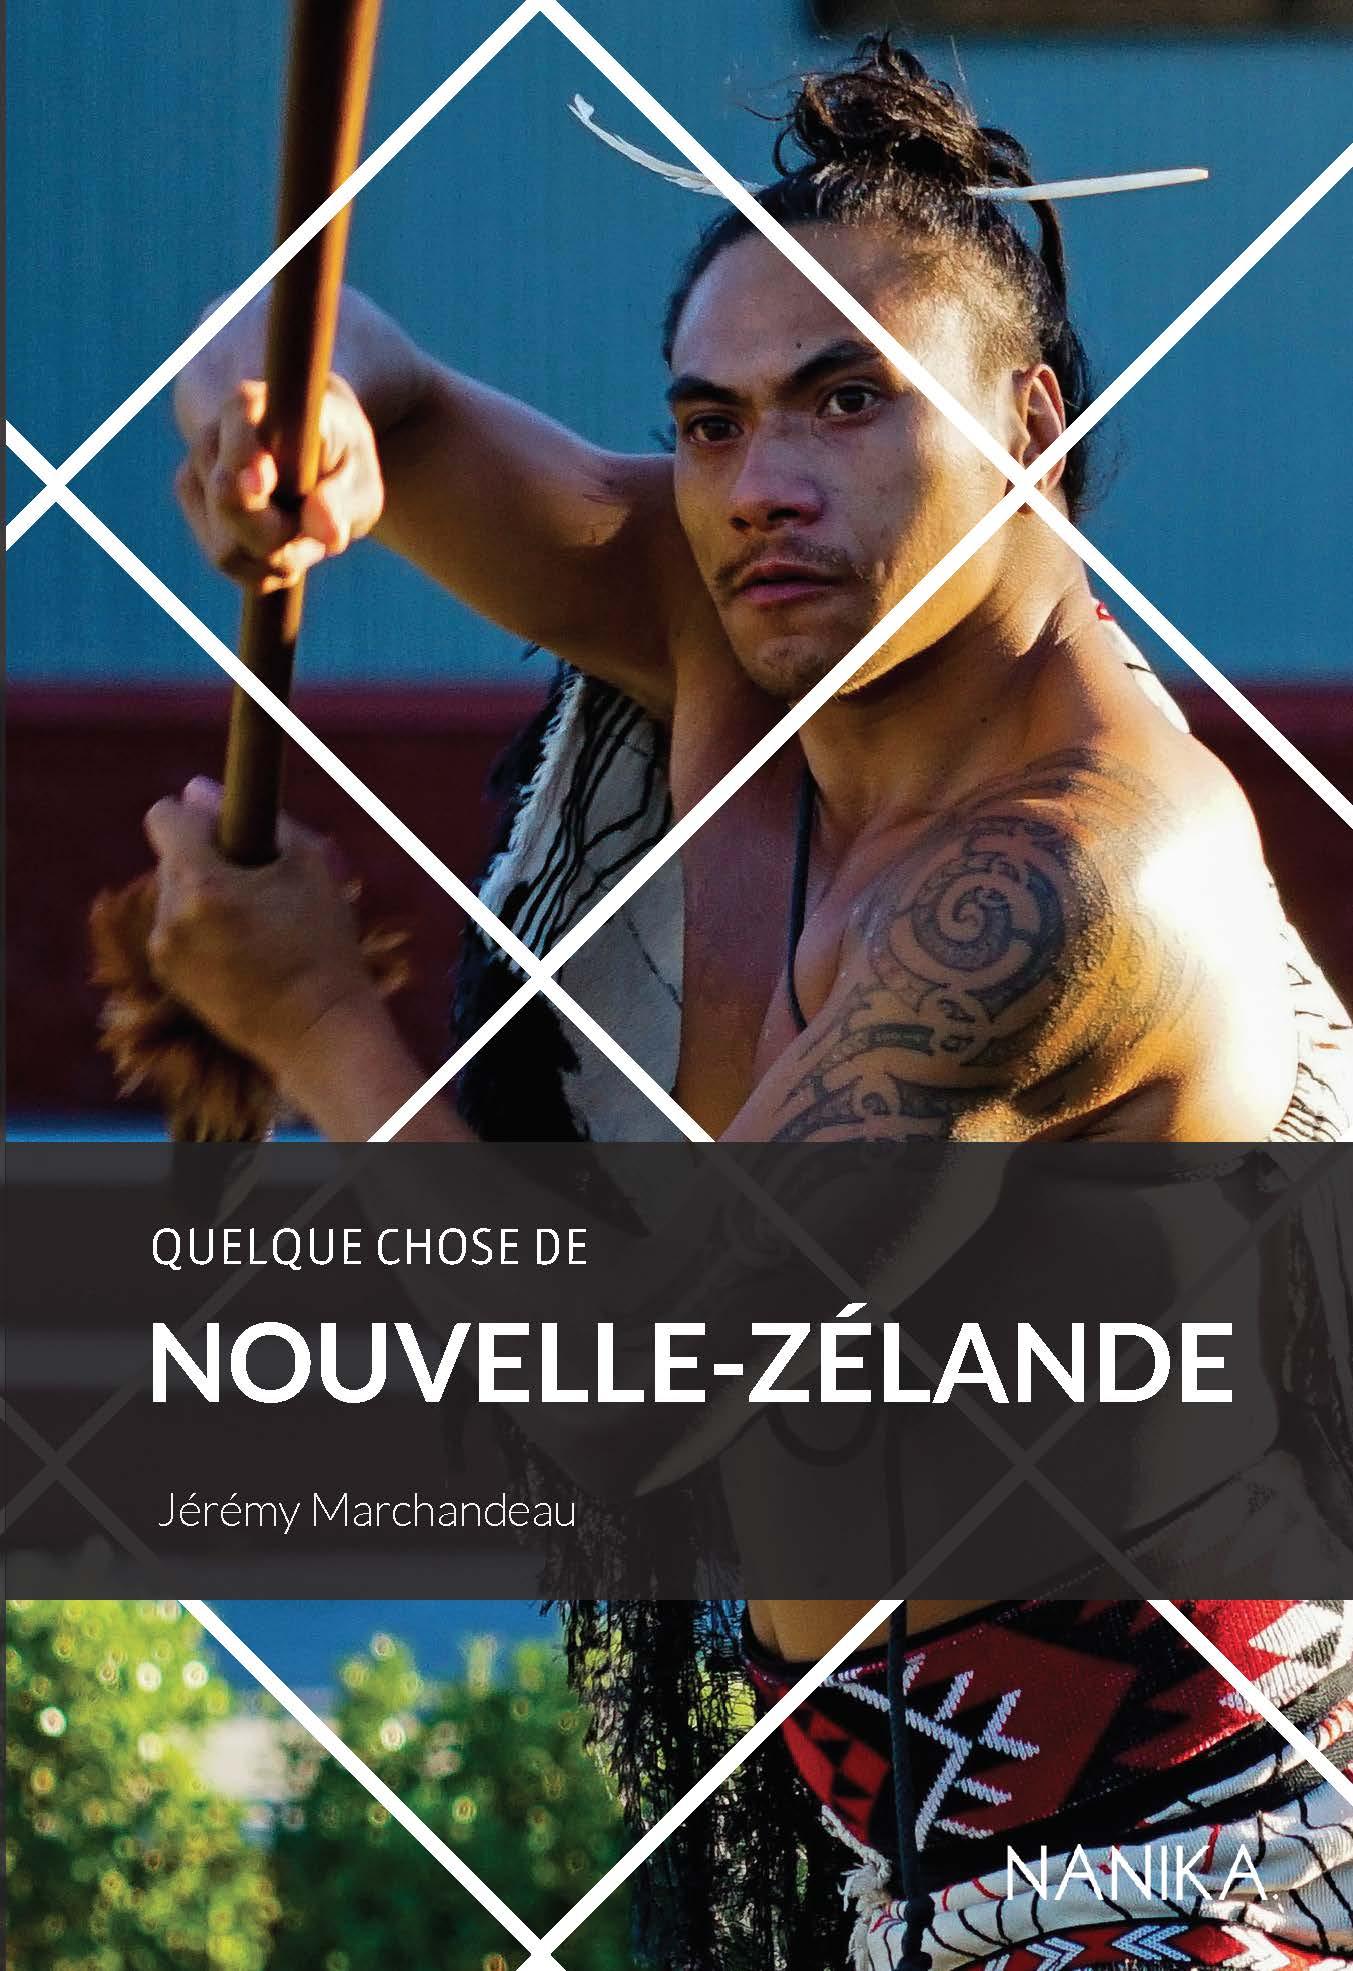 Quelque chose de Nouvelle-Zéalande par Jeremy Marchandeau aux éditions Nanika